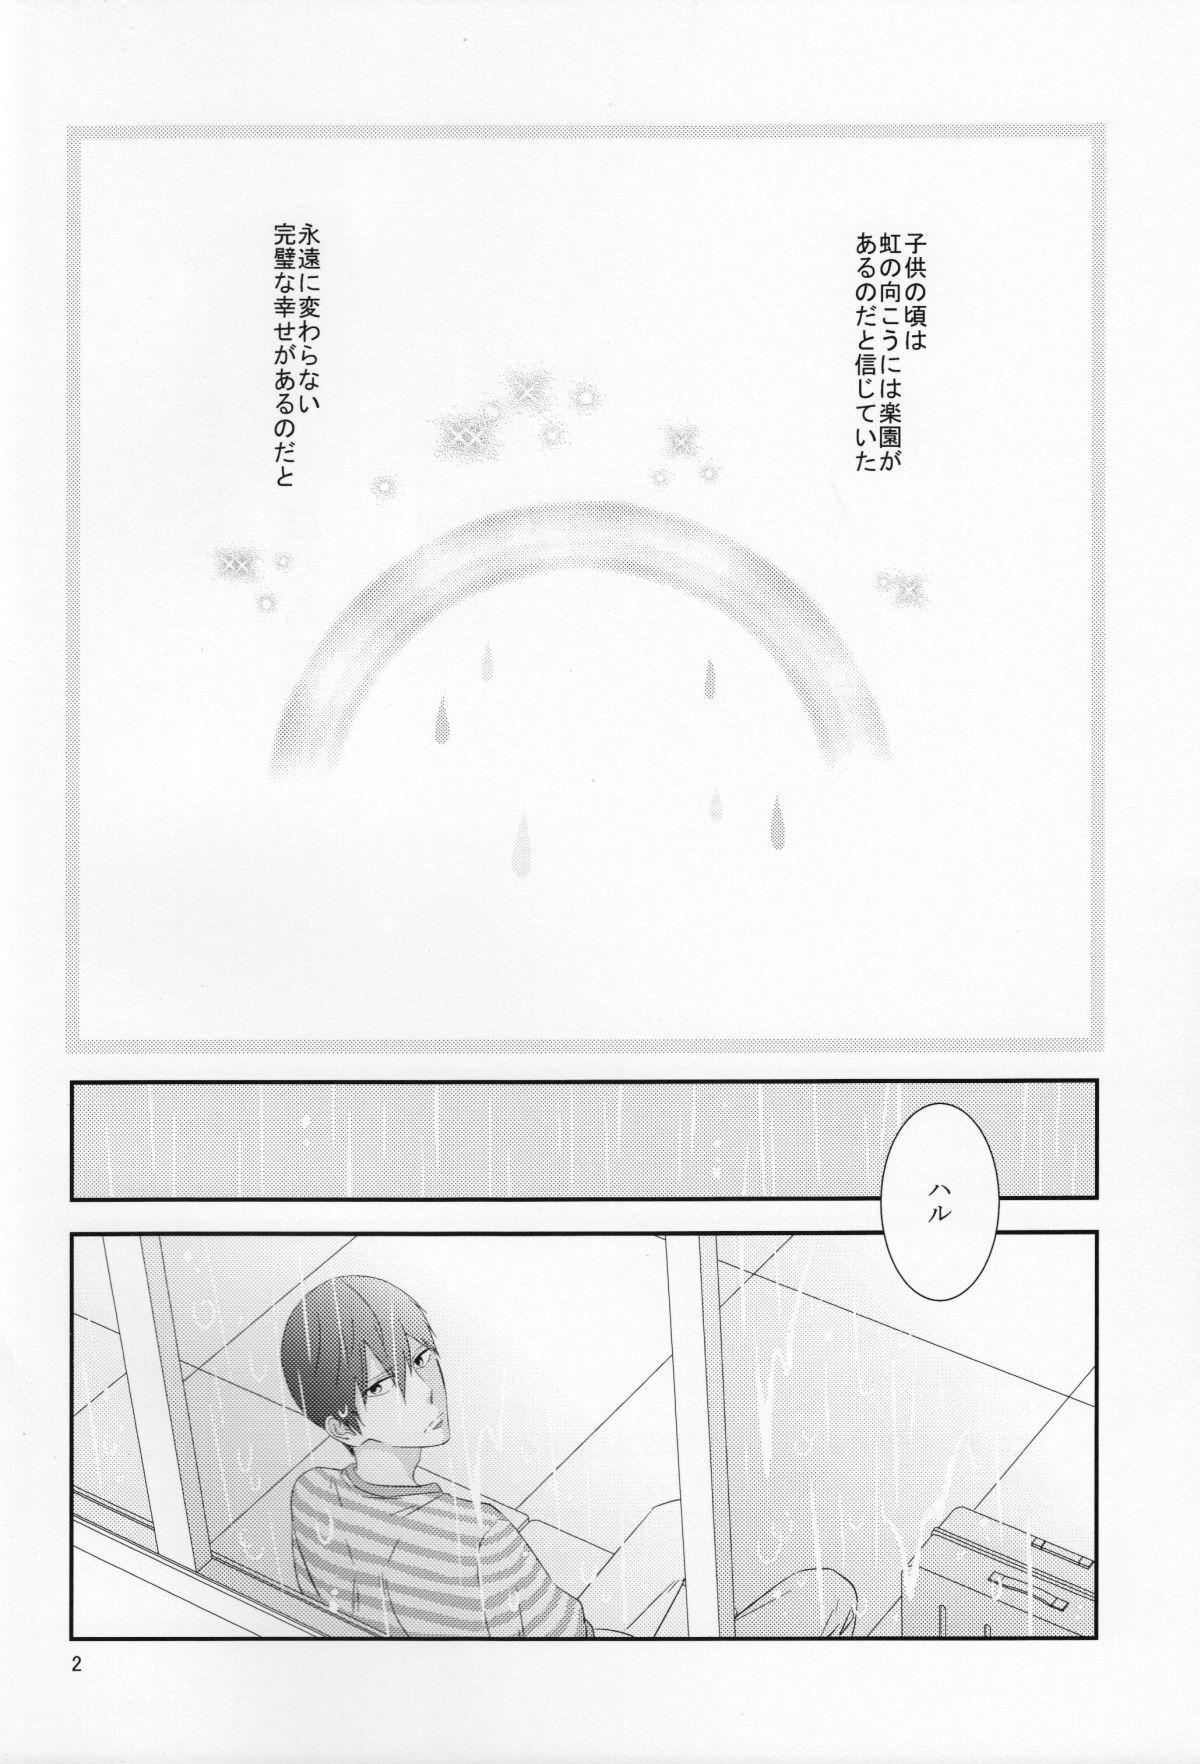 Sayonara, Bokura no Hatsukoi 2